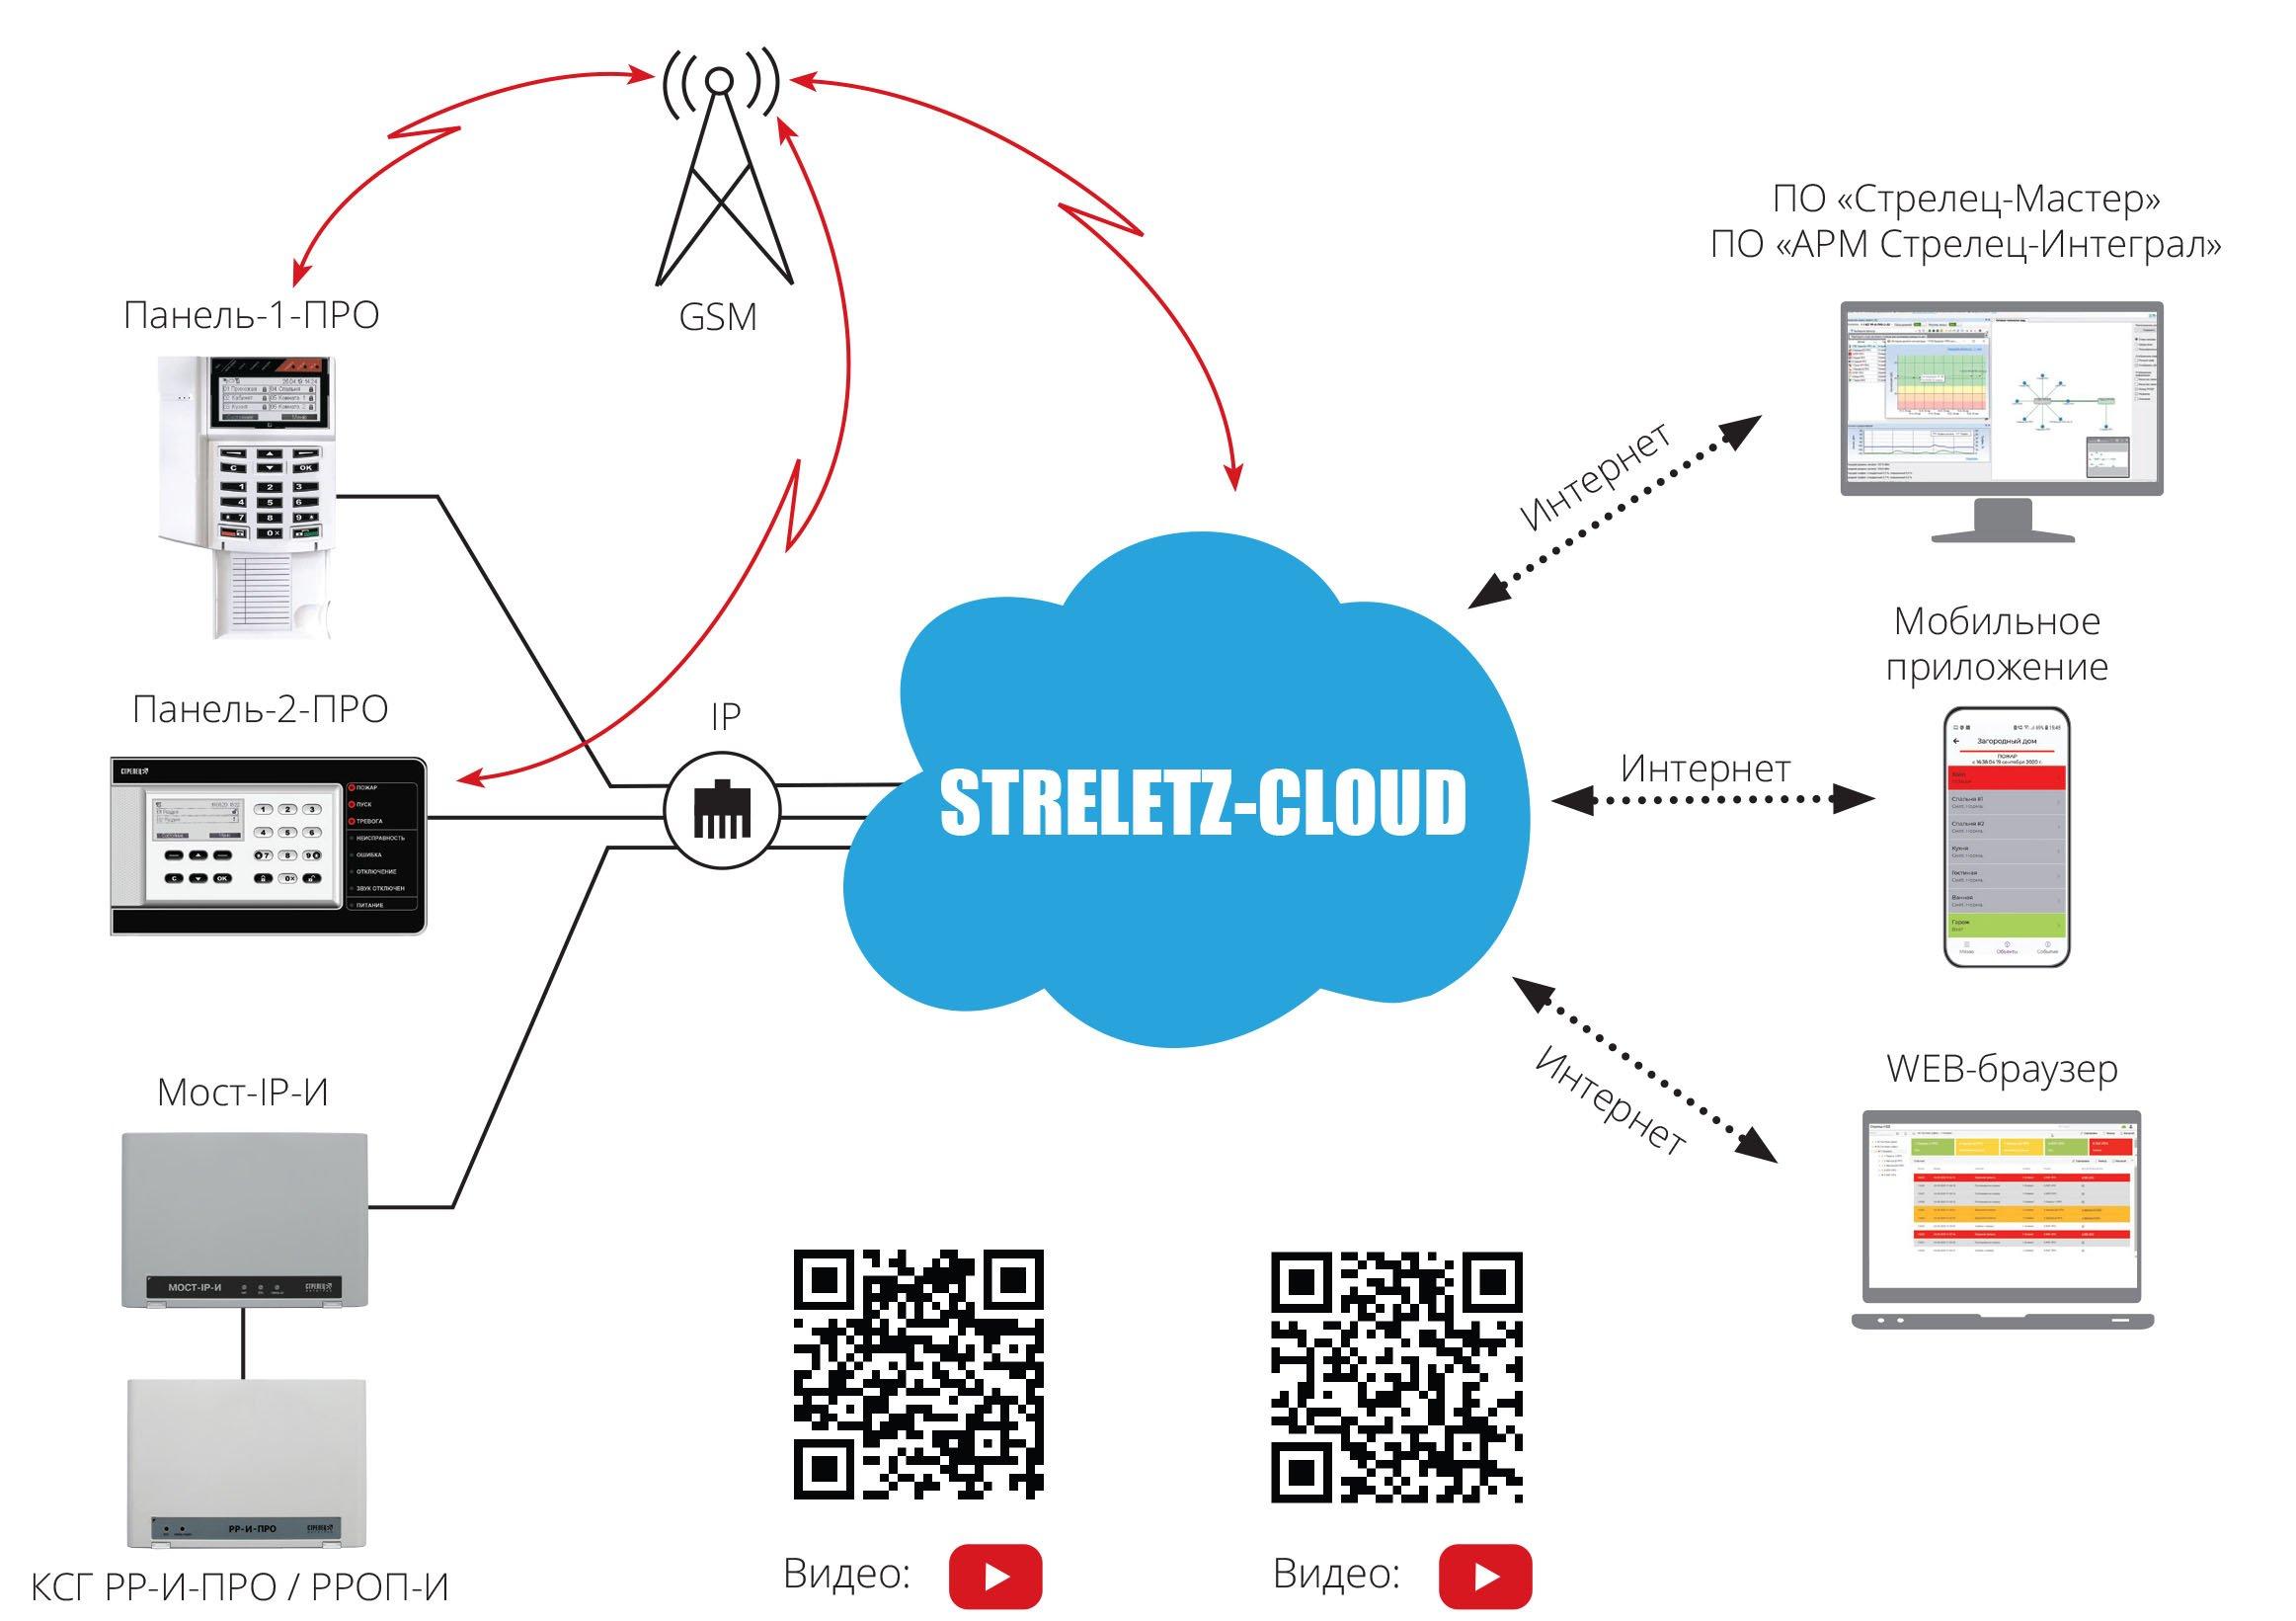 Streletz-Cloud